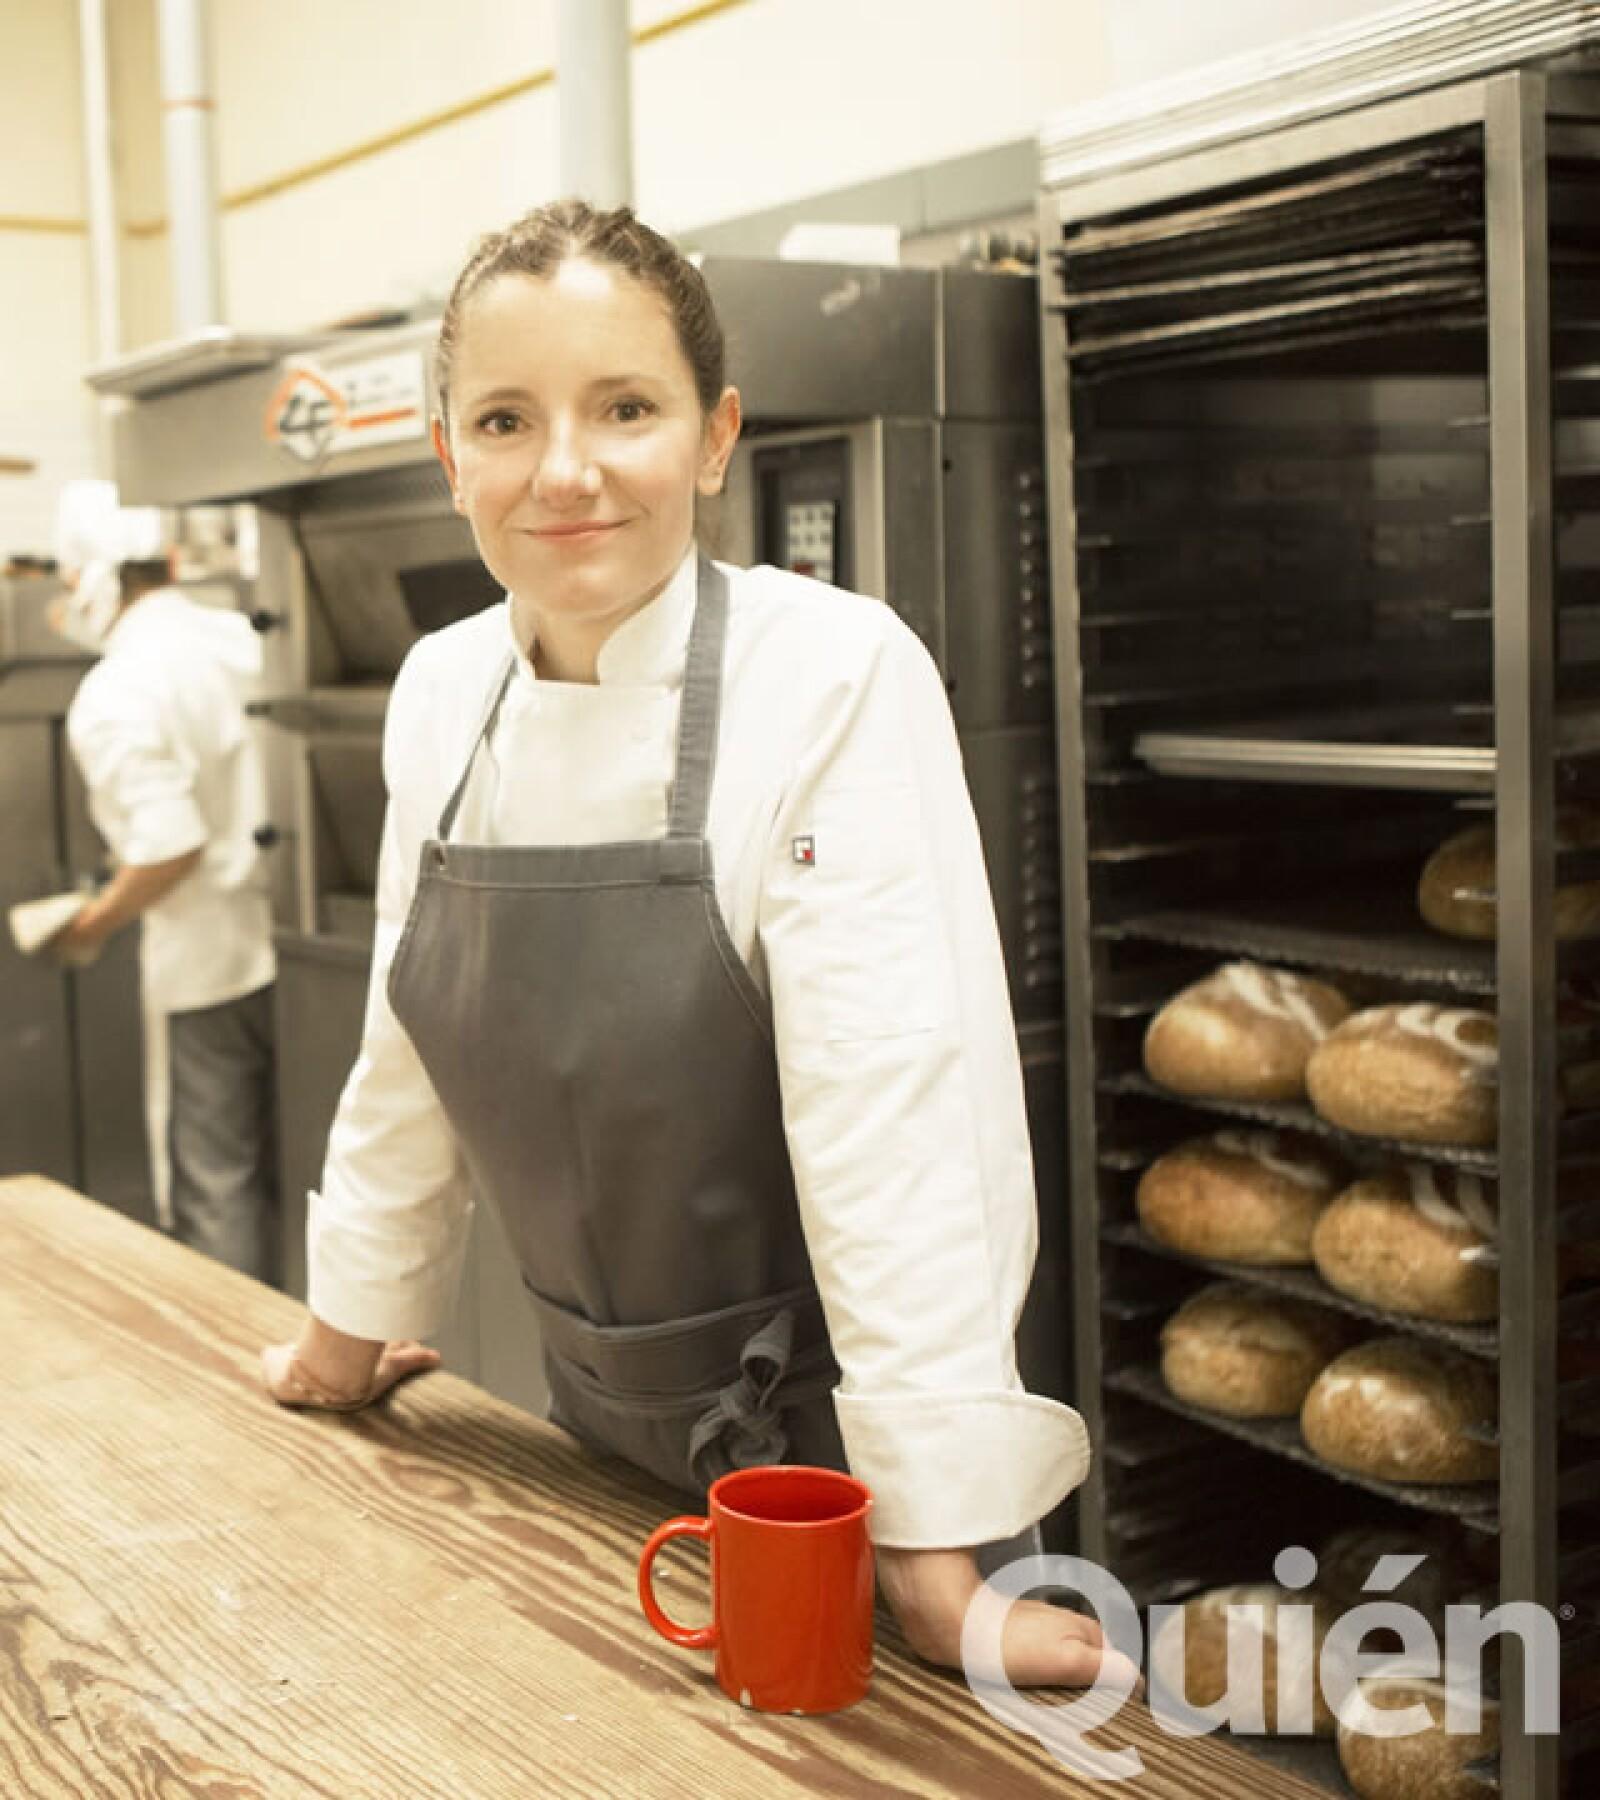 Elena Reygadas, chef y fundadora de Rosetta. Ganó el premio Veuve Clicquot a la Chef Femenina de 2014